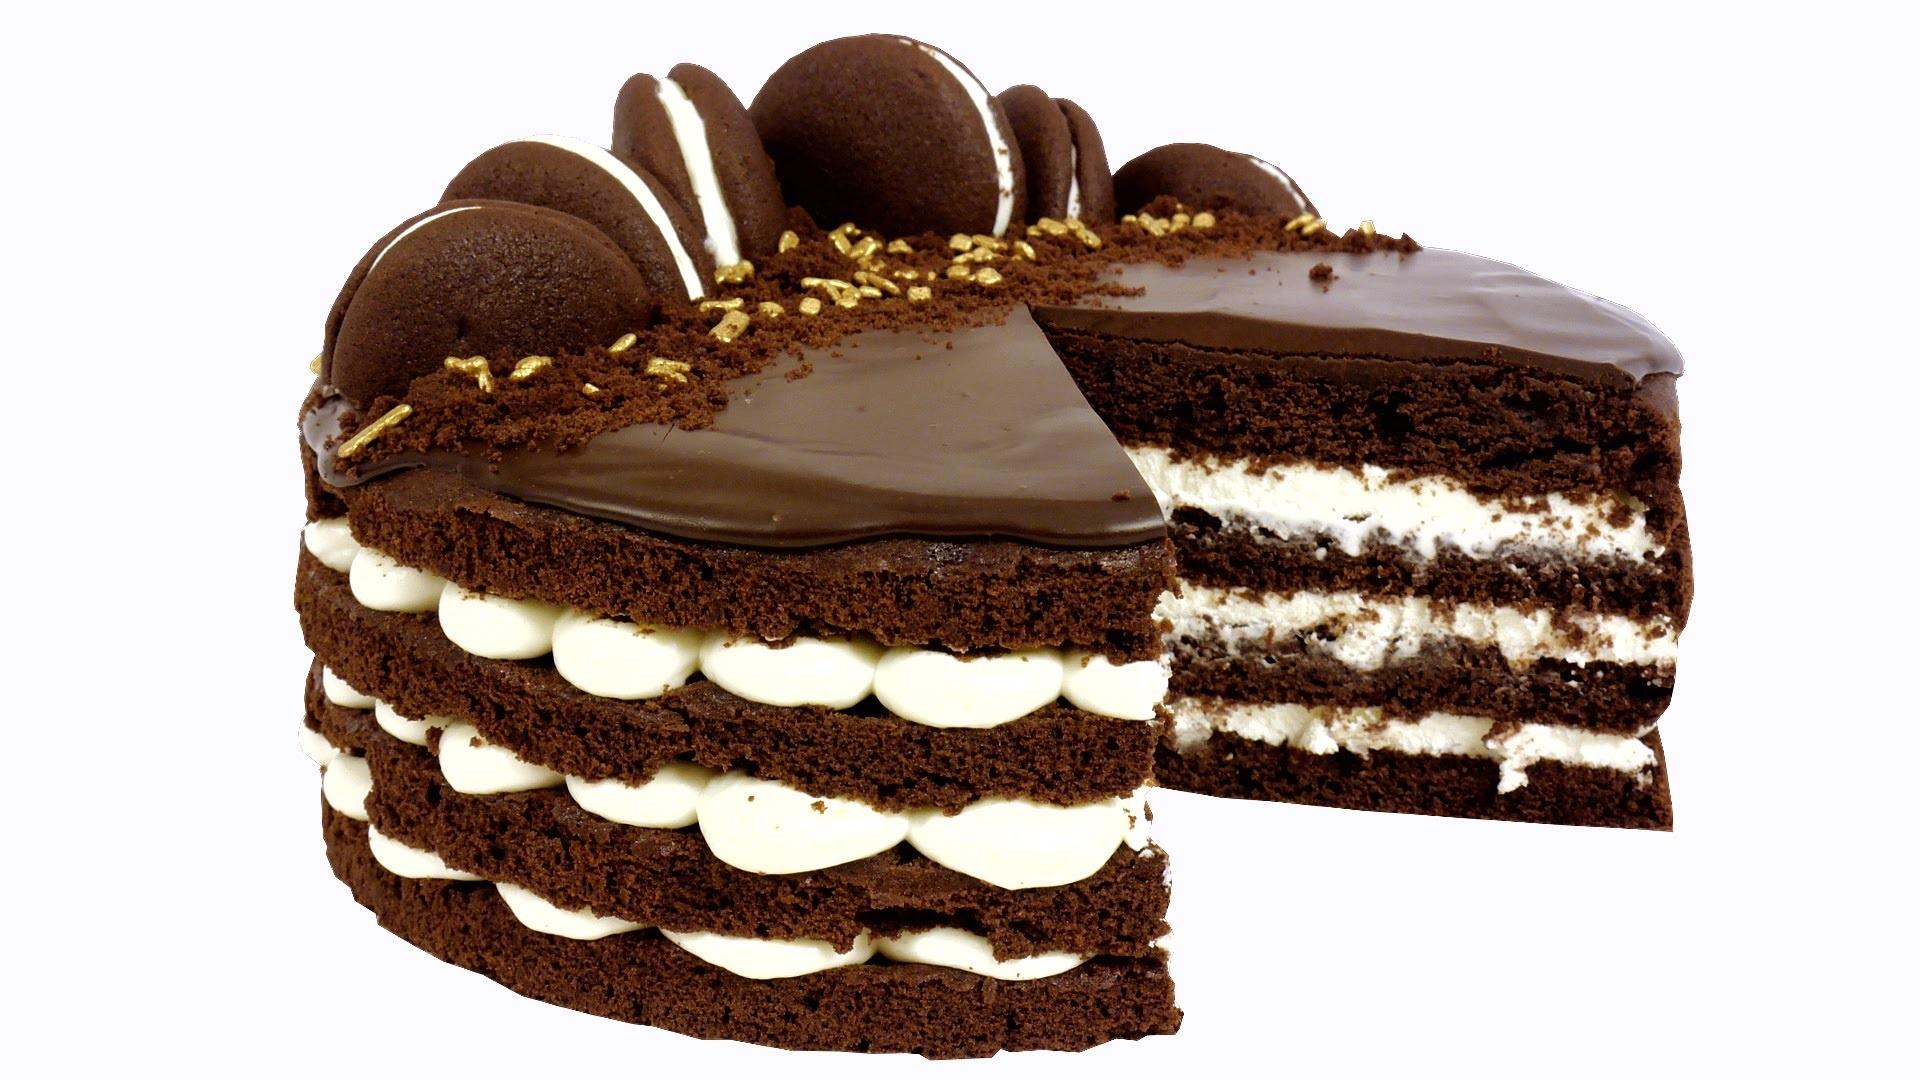 К чему снится торт? Видеть и есть торт во сне